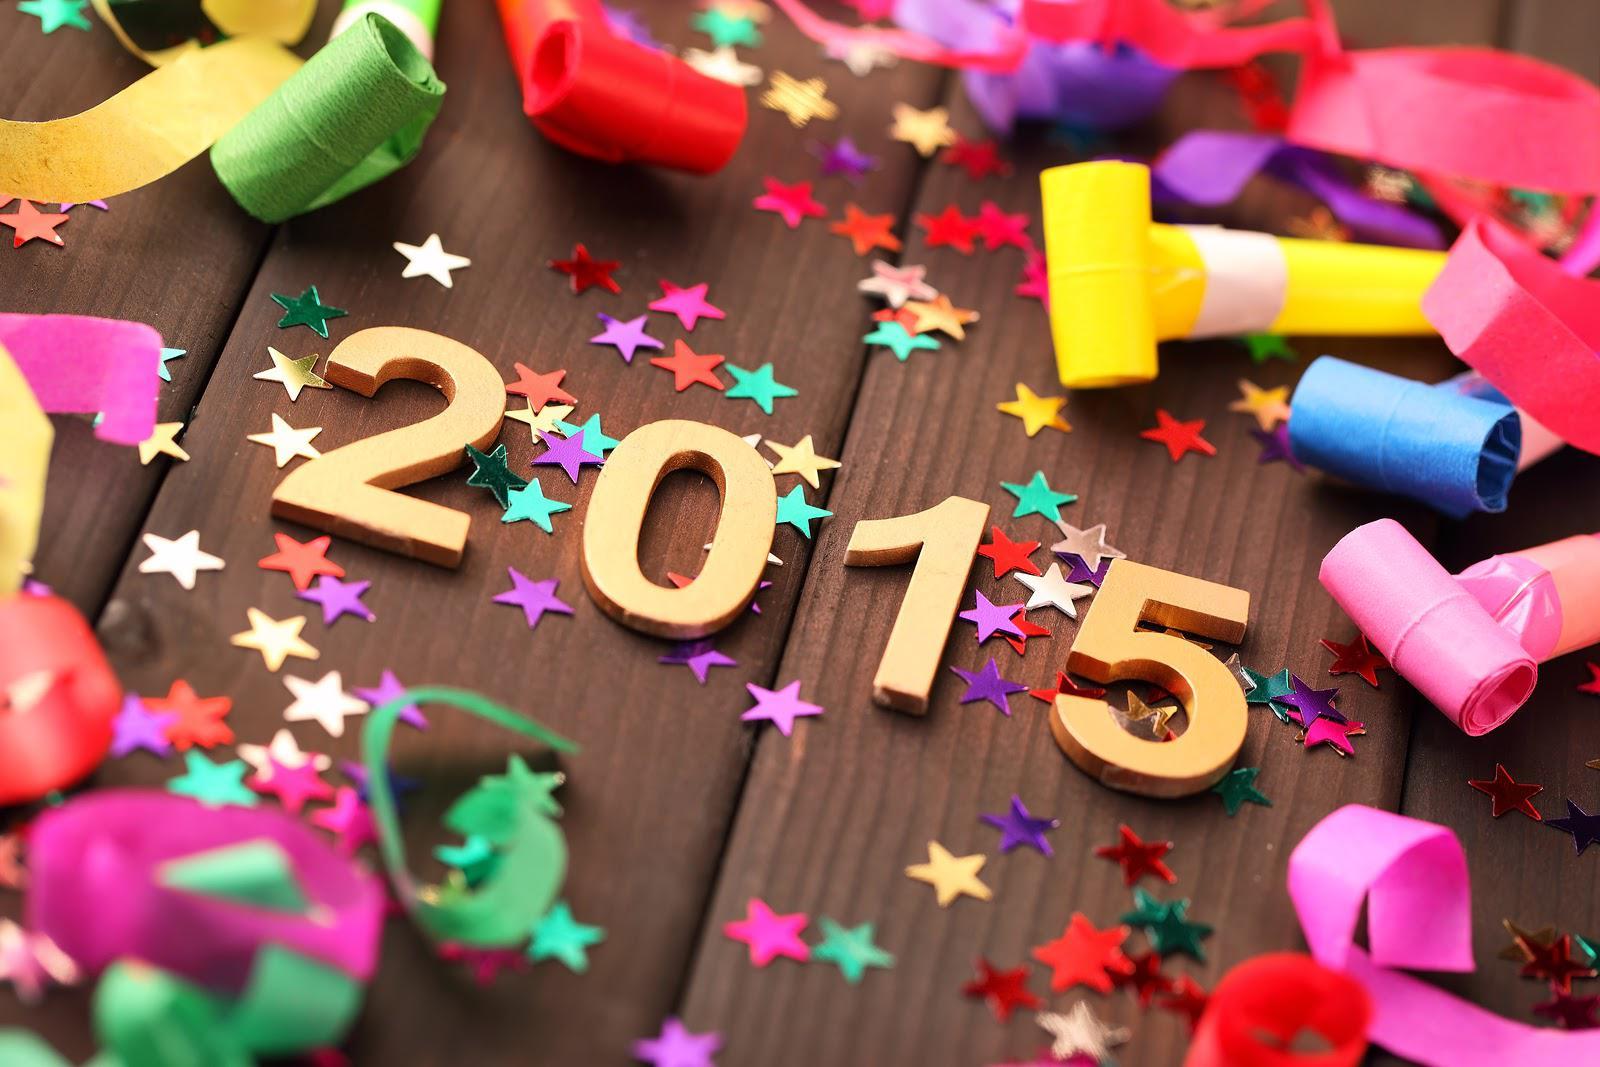 Những hình ảnh chúc mừng năm mới 2015 đẹp và ý nghĩa - Ảnh 2